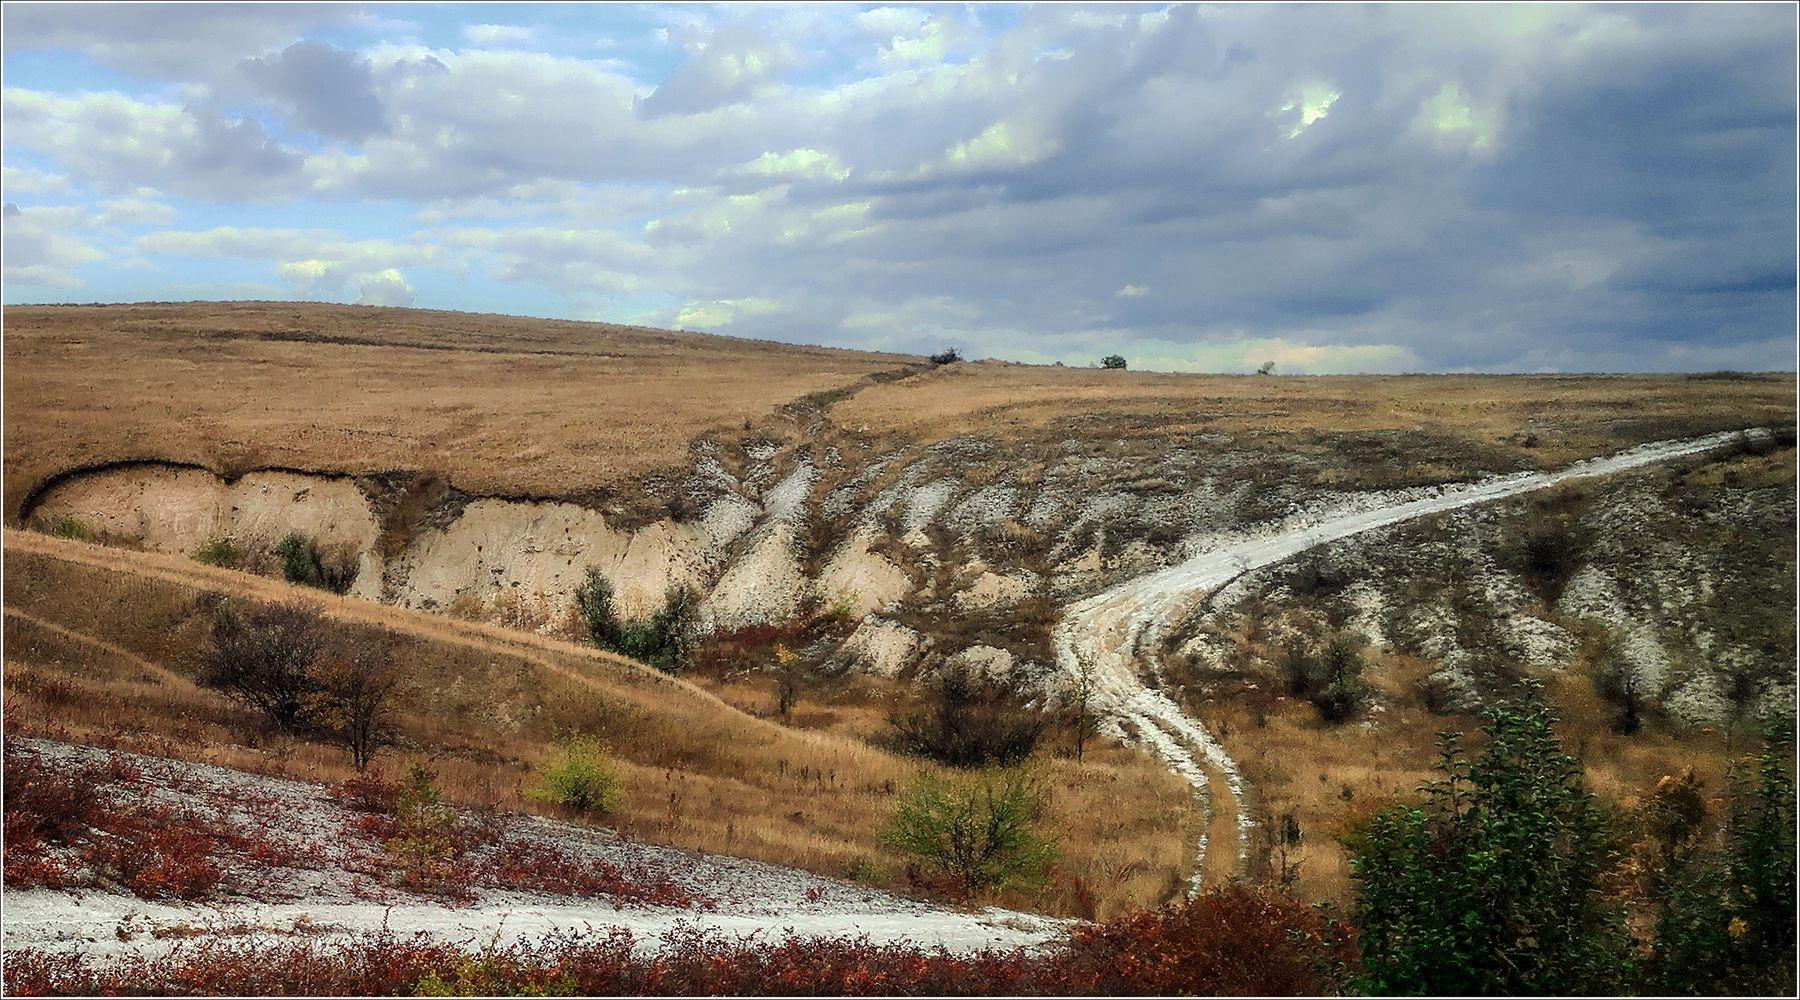 *Дорожный пейзаж* фотография путешествия средняя полоса осень пейзаж дорога Фото.Сайт Светлана Мамакина Lihgra Adventure